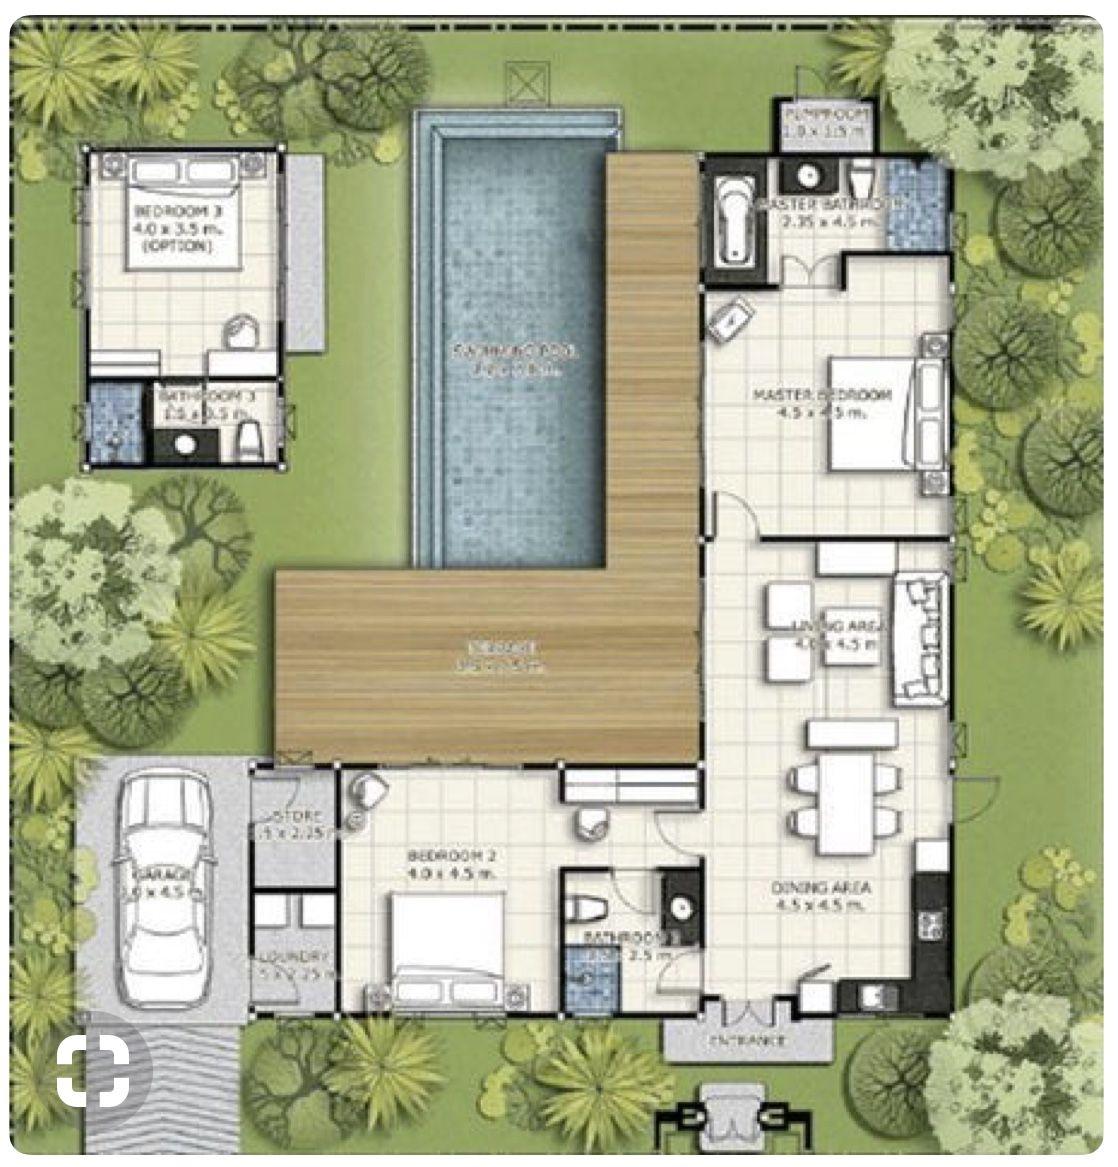 Pin By Kristen Newton On Casas De Fazenda Small House Design Container House Plans Bali House